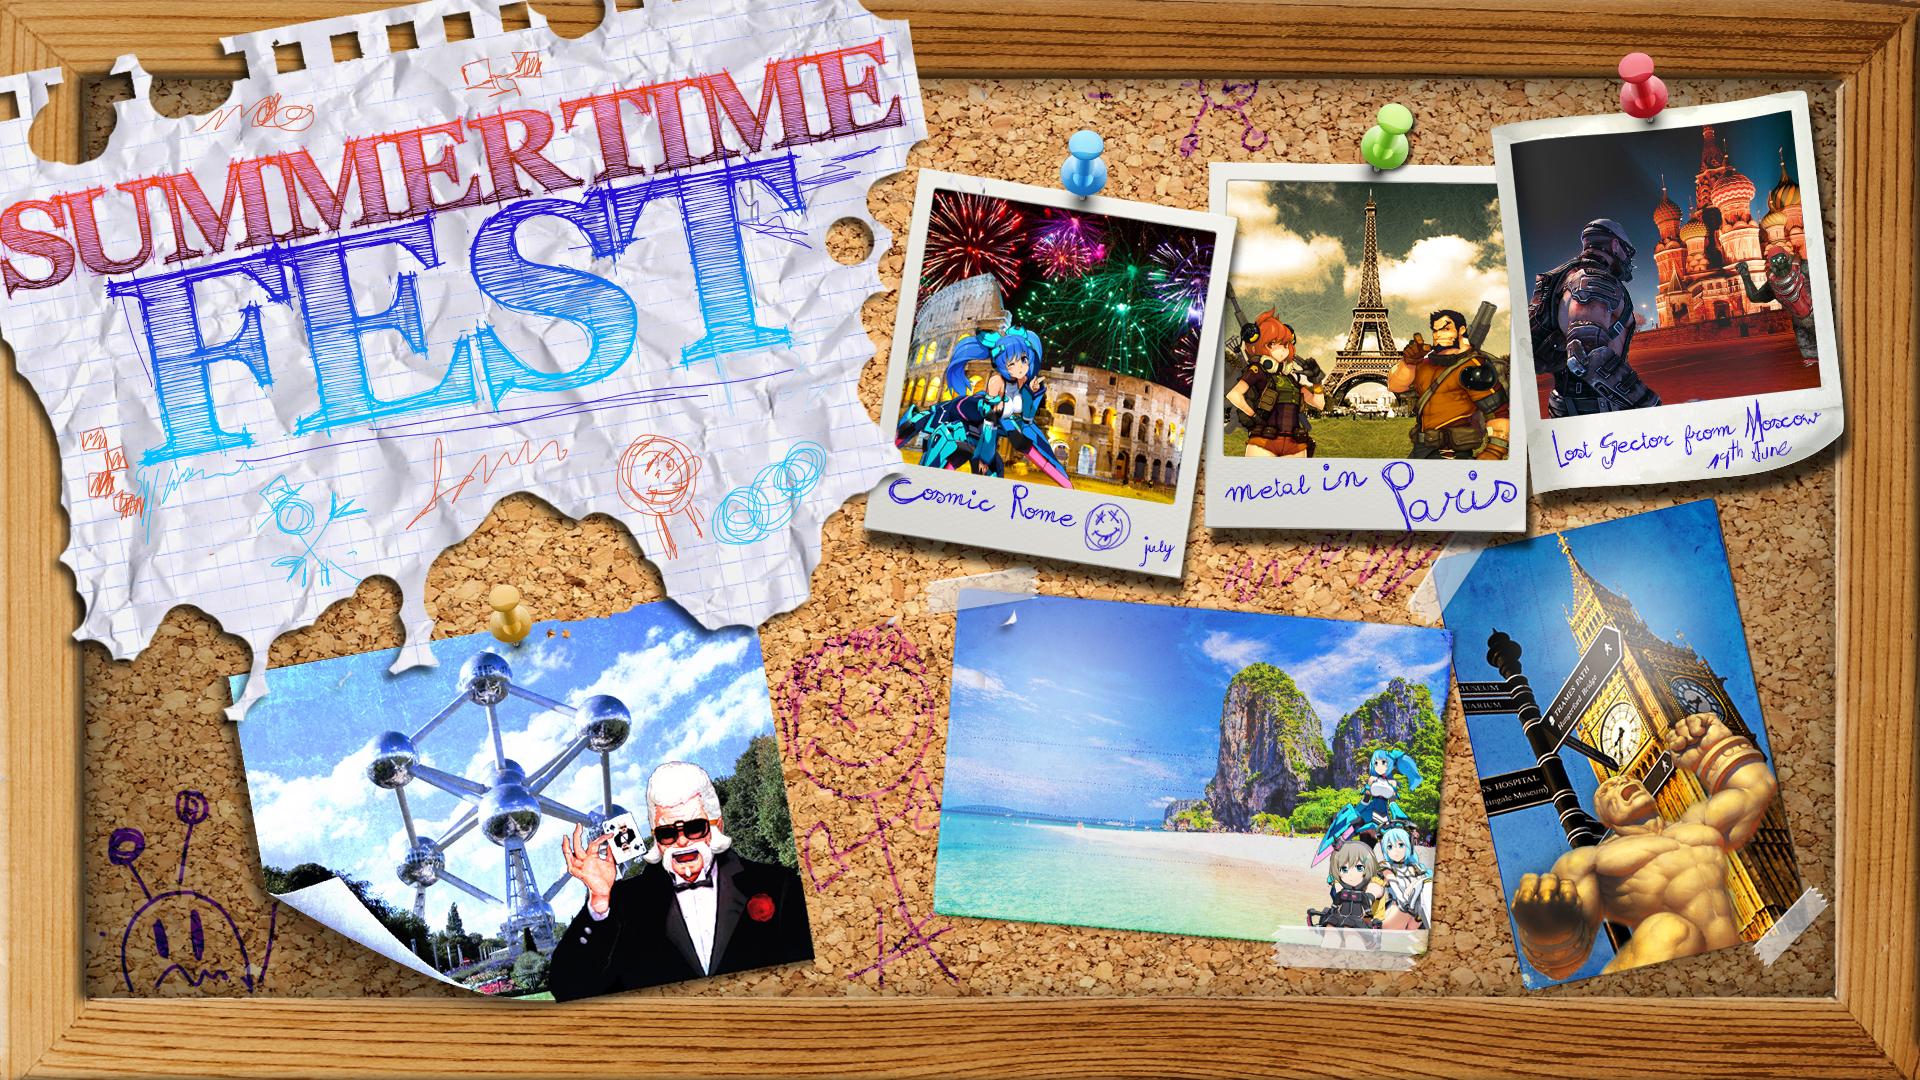 Summertime_fest.jpg